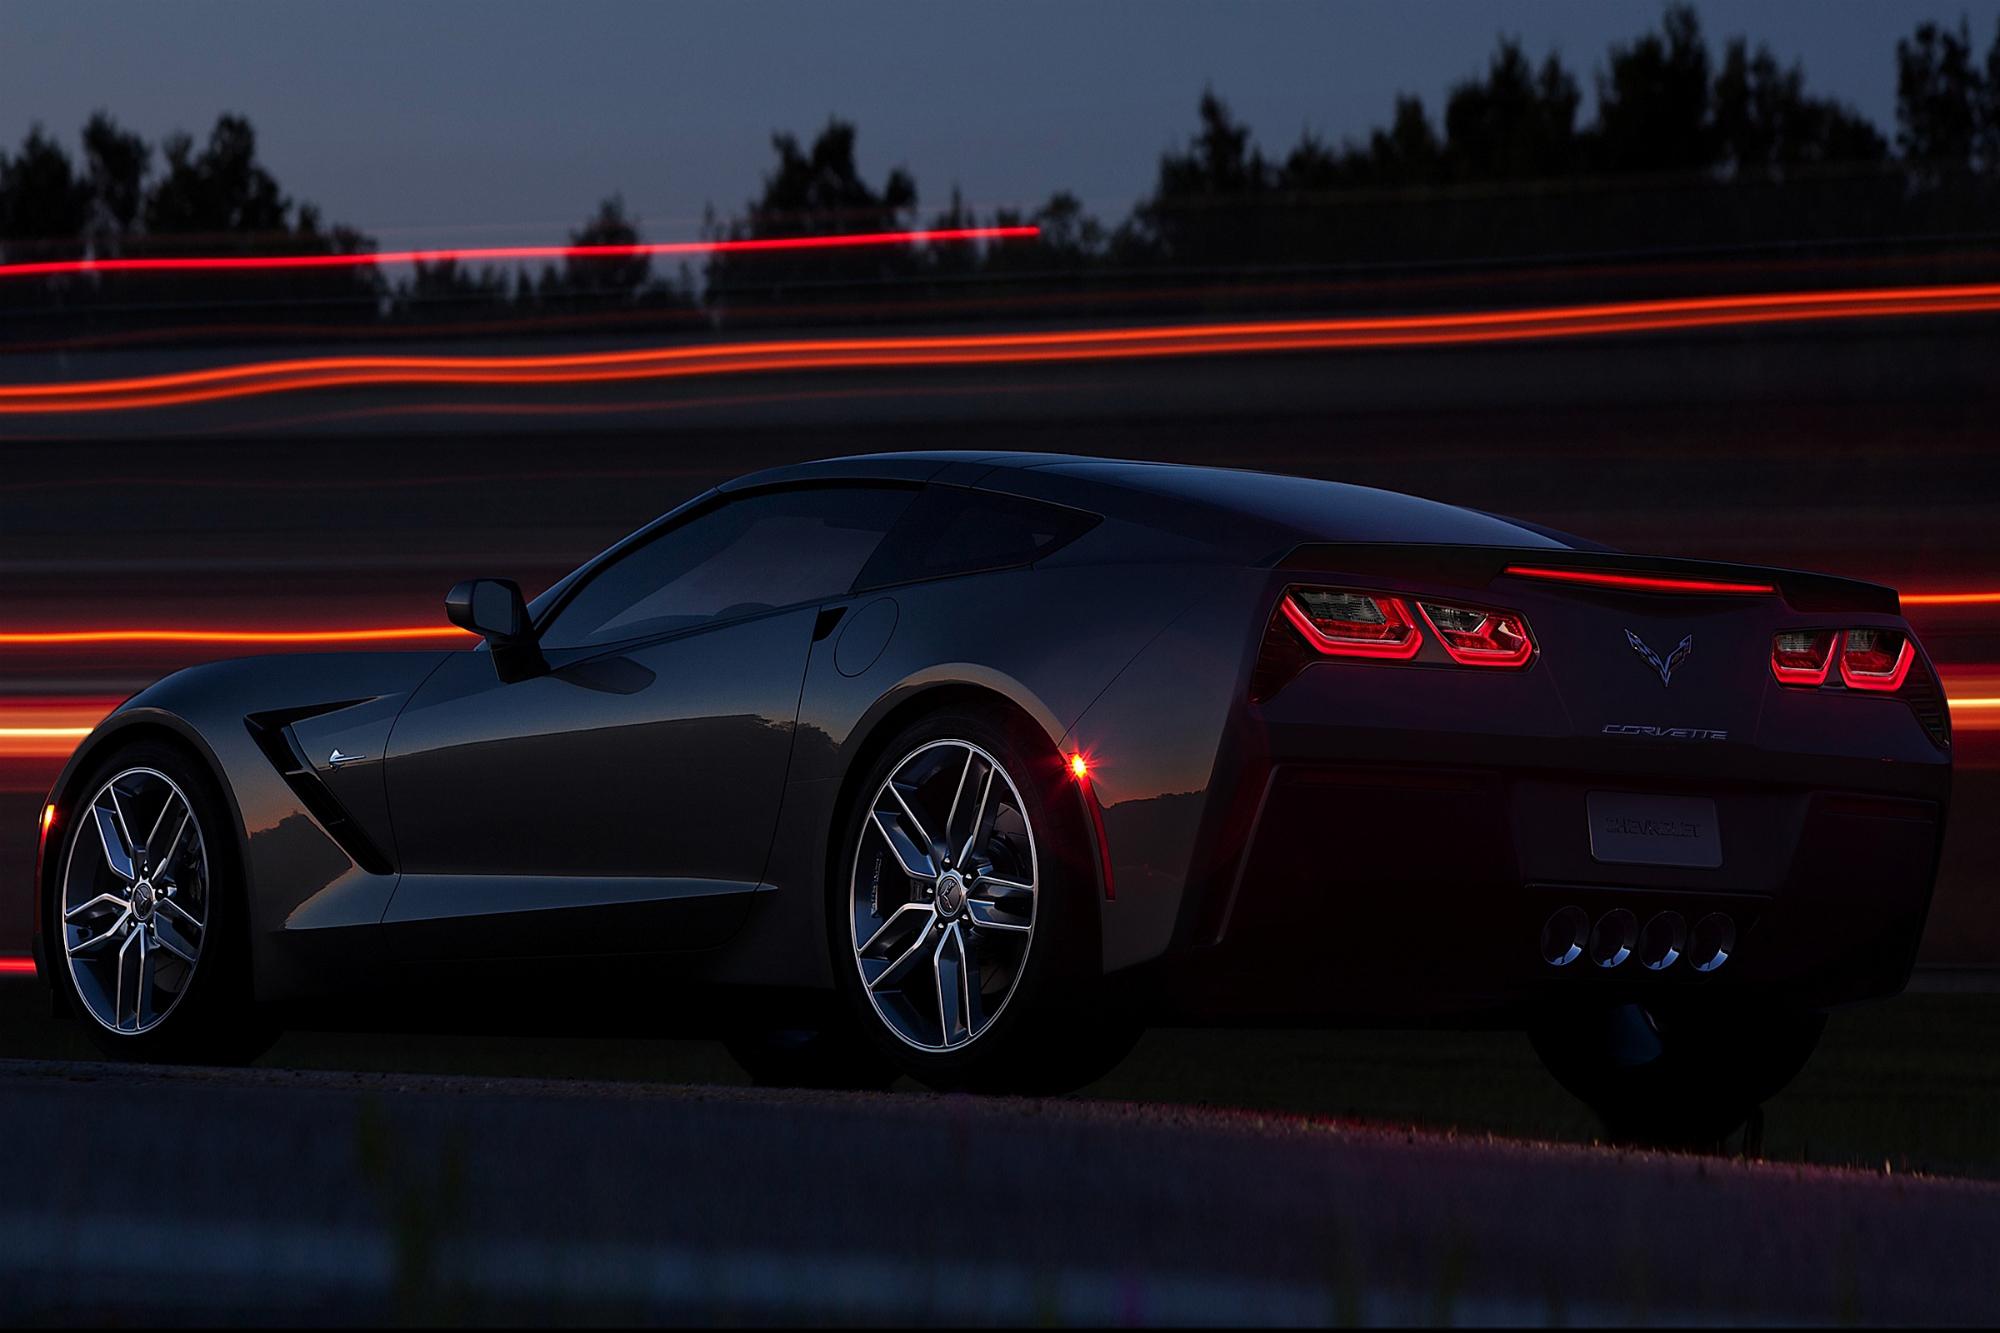 93914 скачать обои Тачки (Cars), Шевроле (Chevrolet), Corvette, Stingray C7, Шевроле, Корвет, Стингрей - заставки и картинки бесплатно